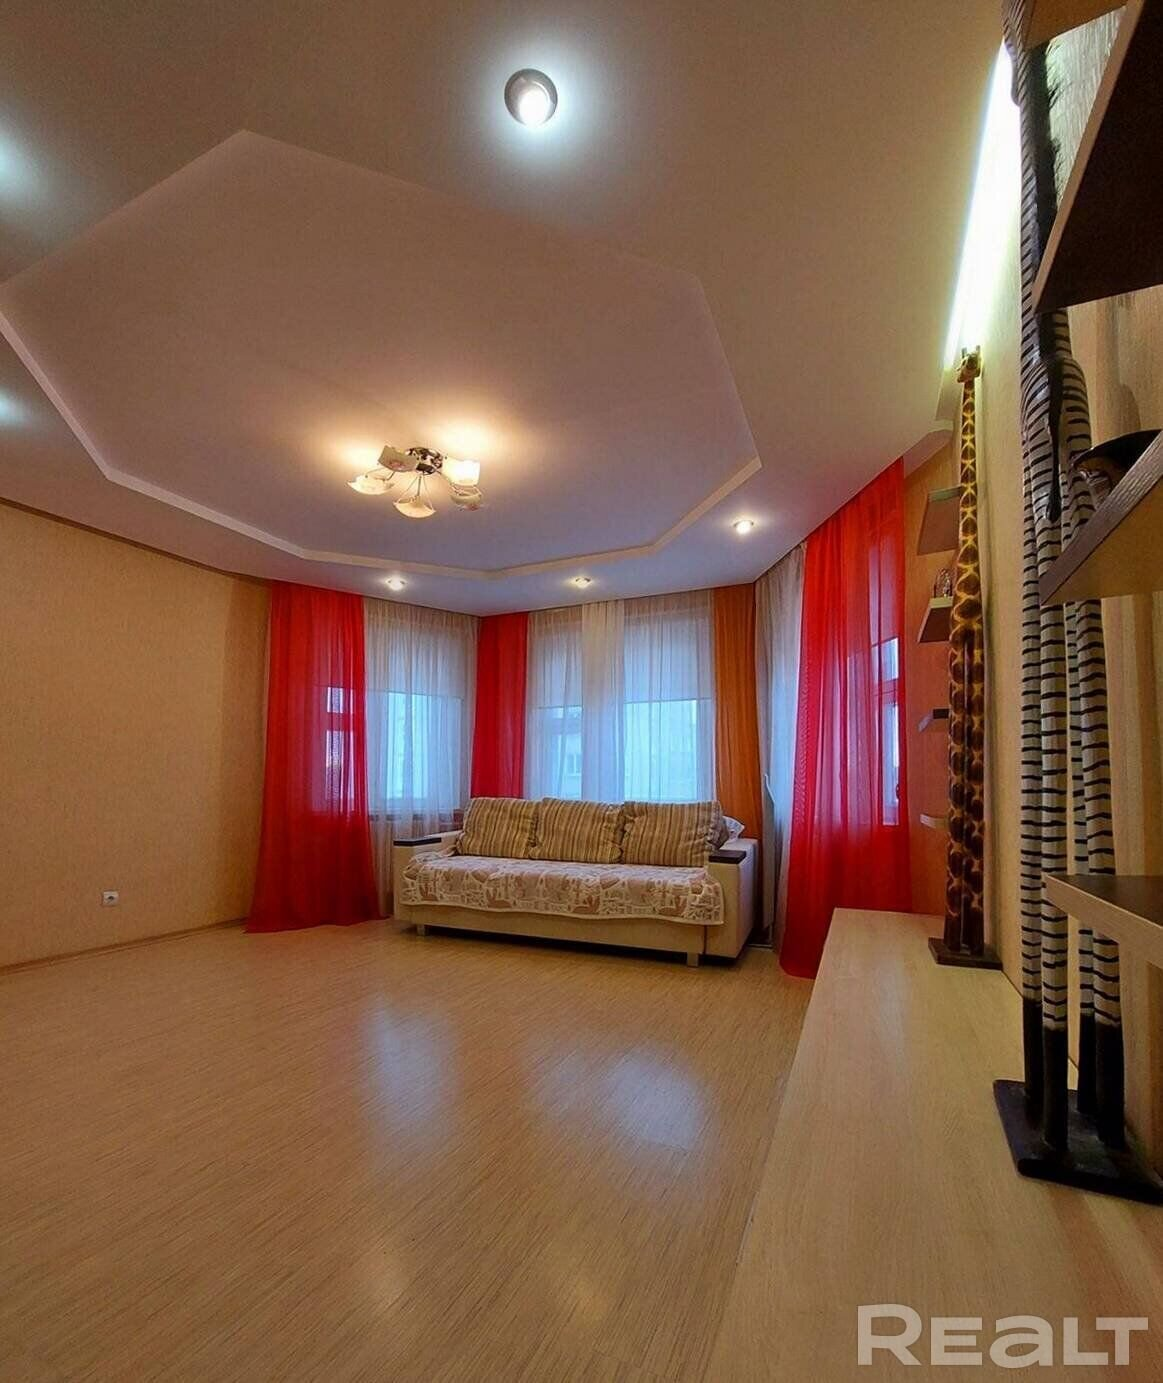 Продажа 2-х комнатной квартиры в г. Минске, ул. Лещинского, дом 37 (р-н Кунцевщина). Цена 238 350 руб c торгом